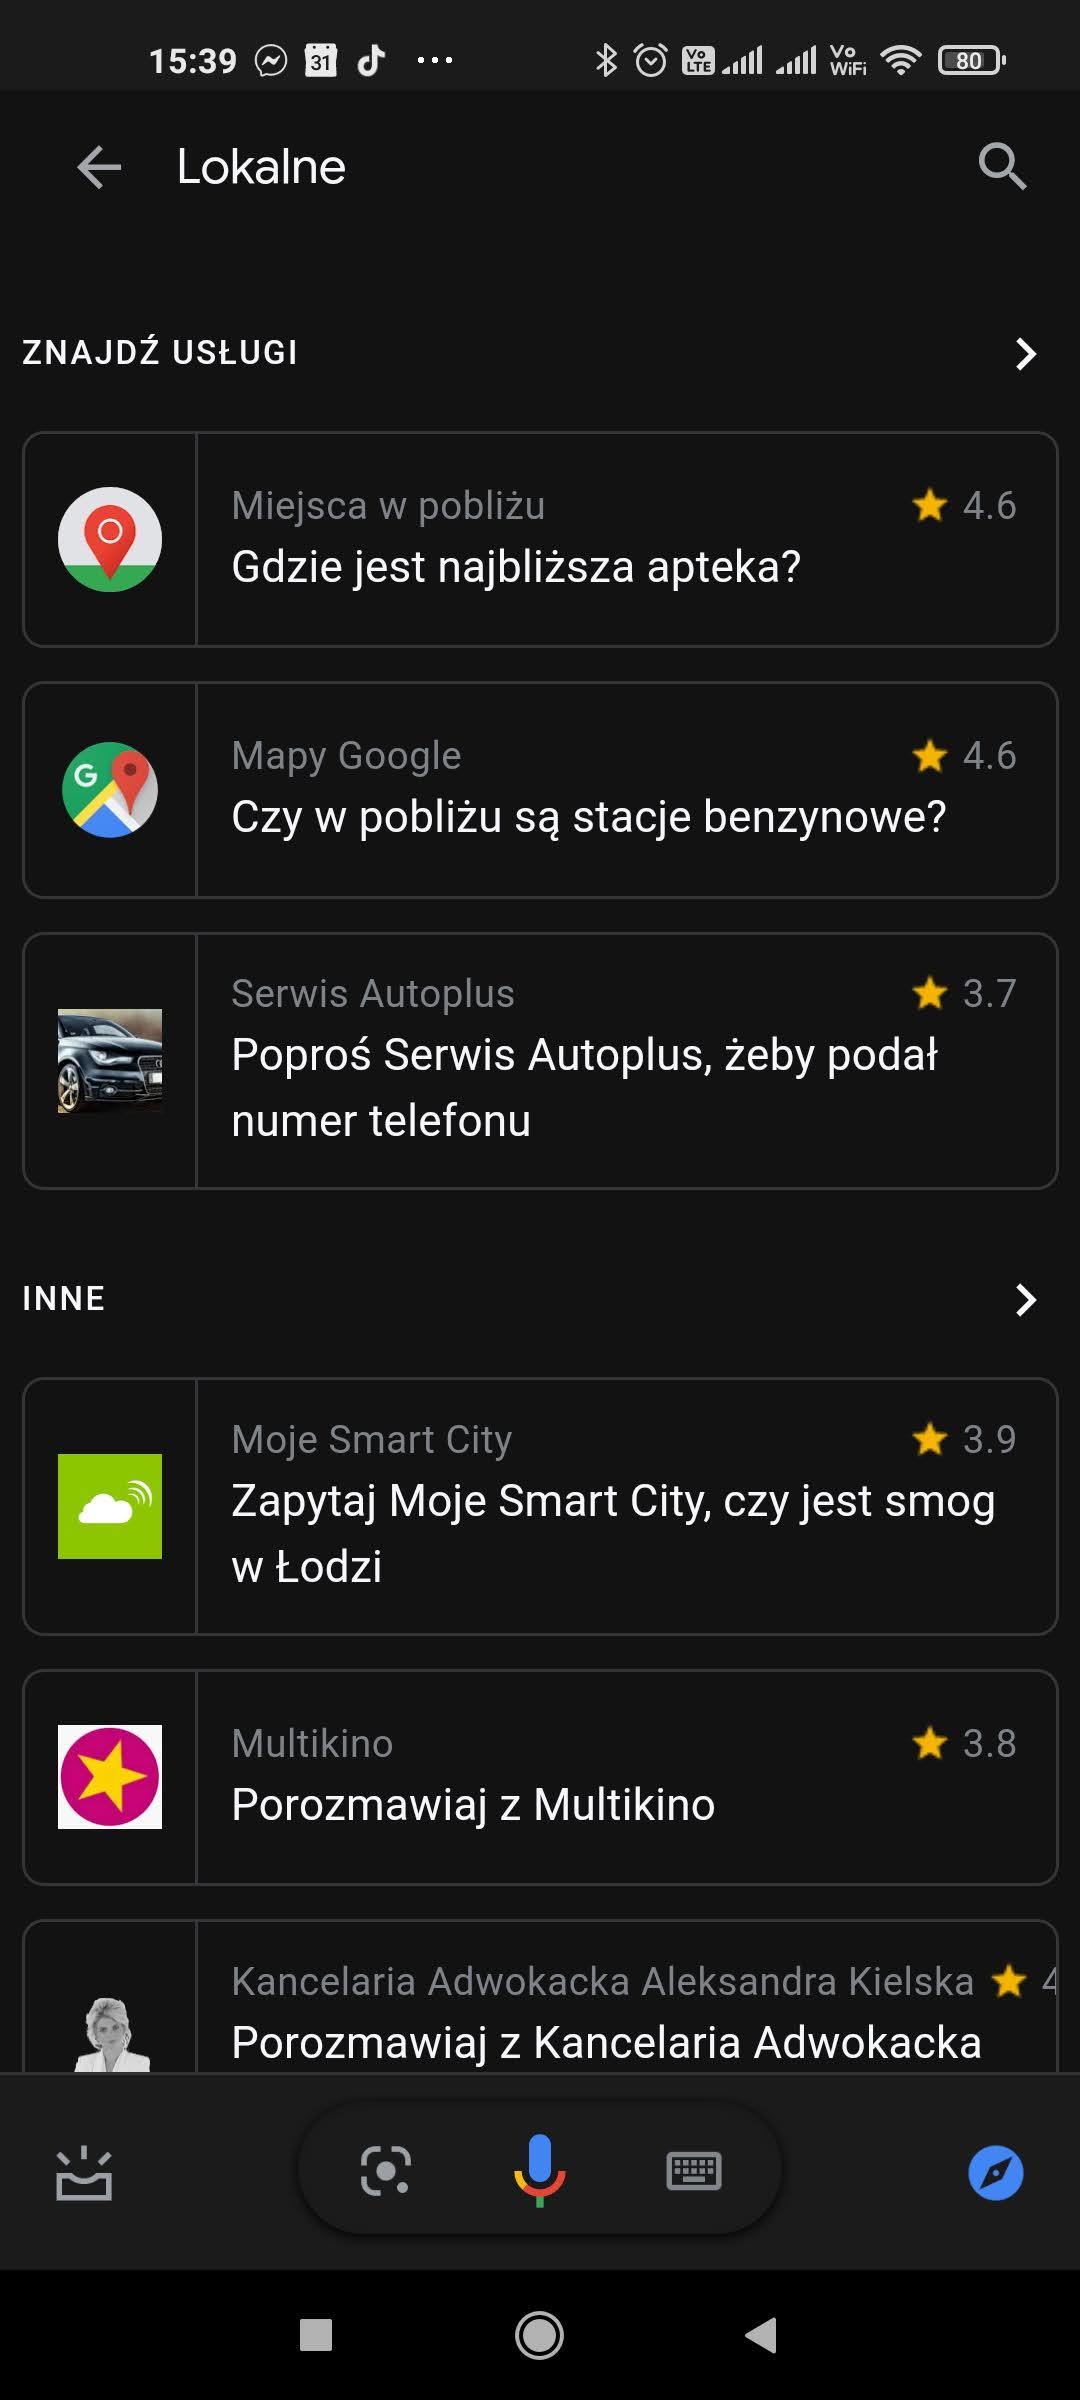 wyszukiwanie lokalne asystent google